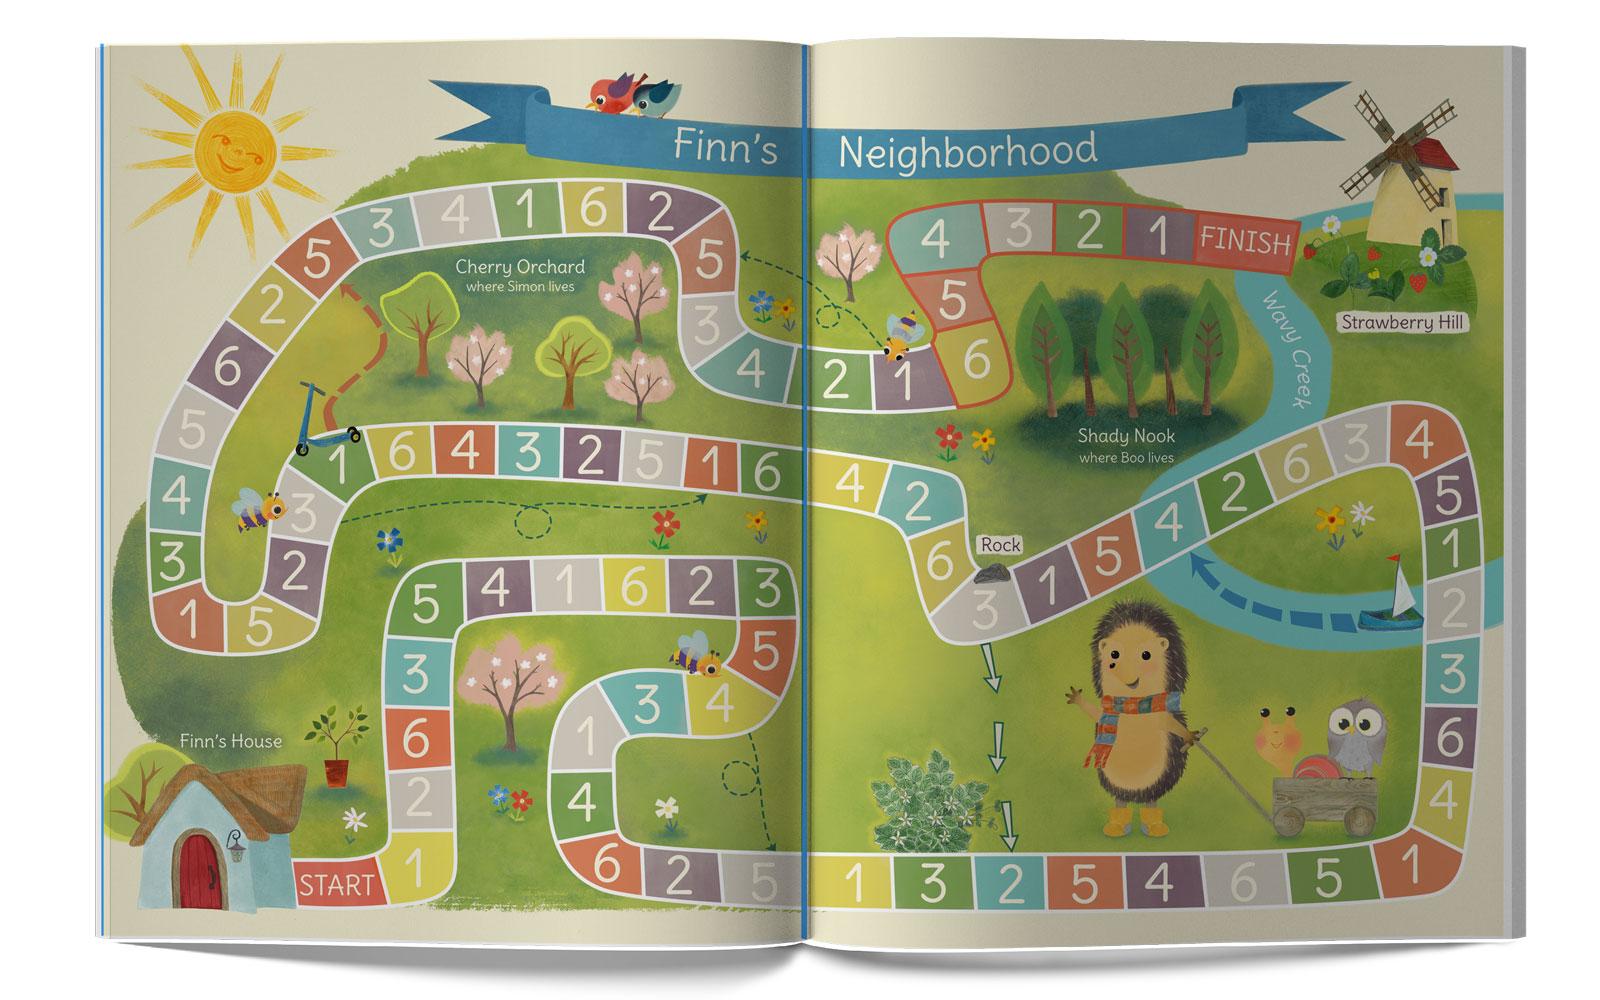 Finn-the-hedghehog-alisa-bloom-neighborhood-game.jpg